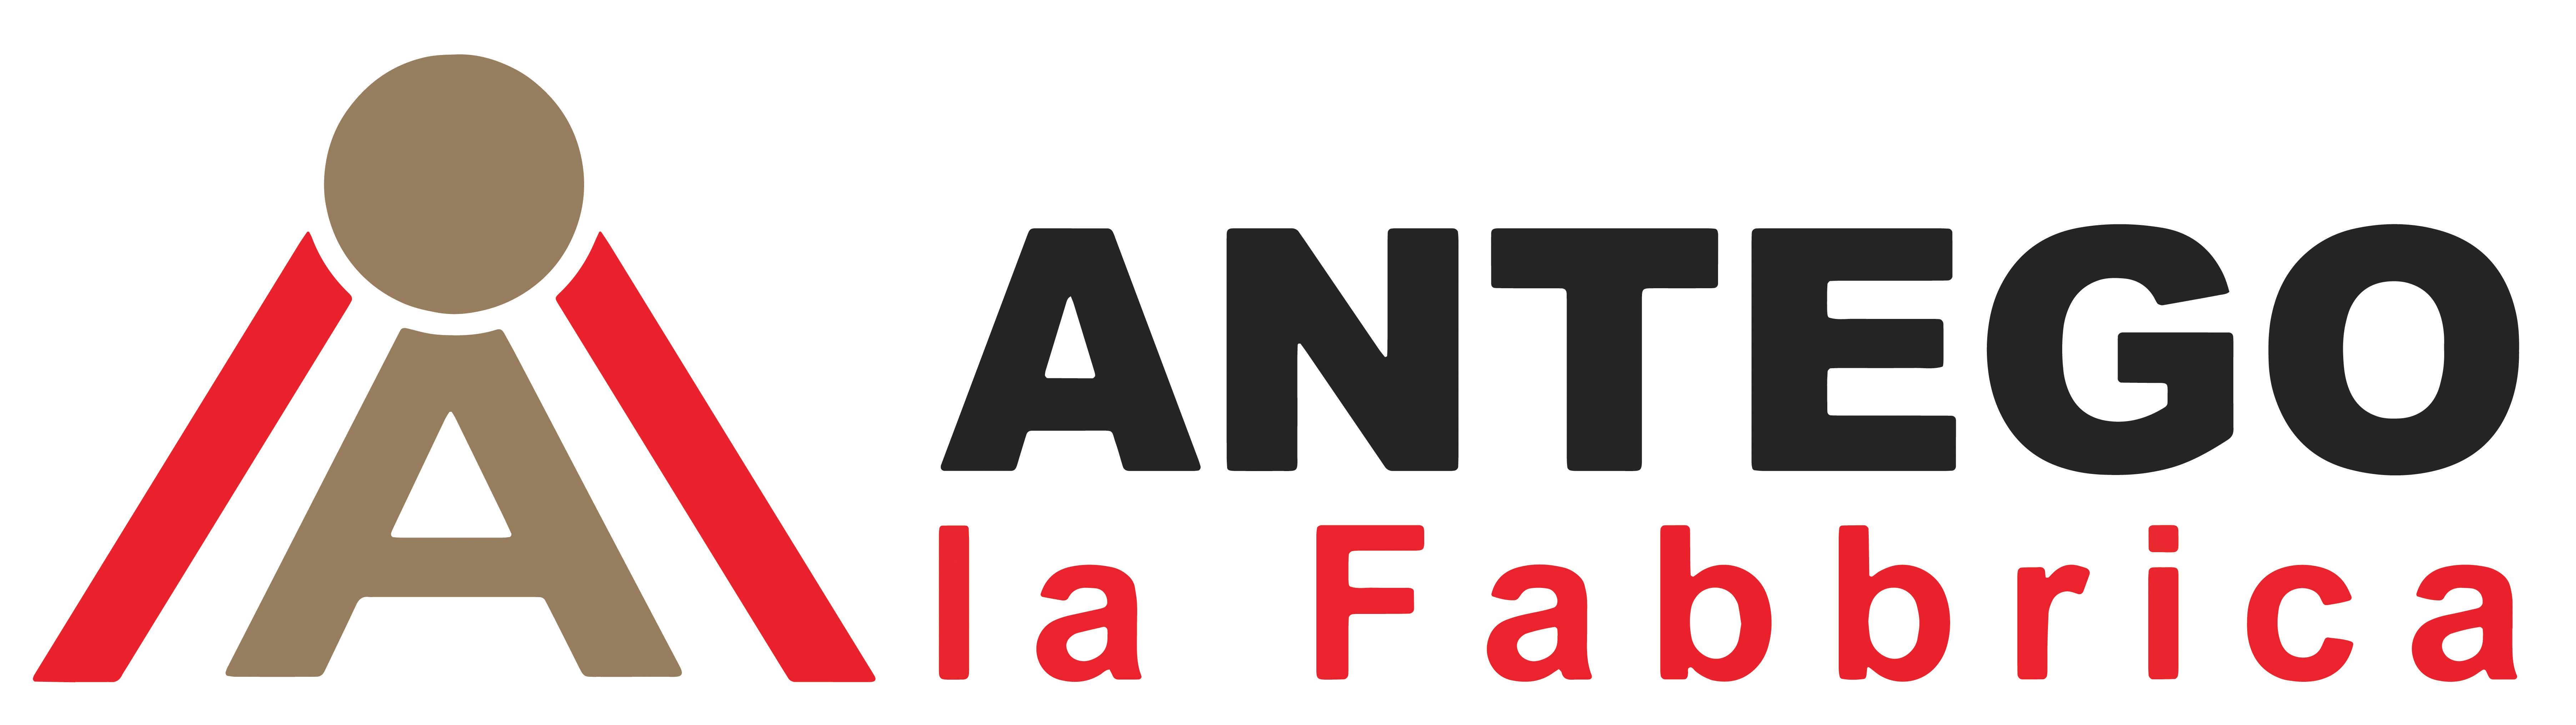 Antego | Antego arredamenti – Fabbrica cucine componibili Palermo ...